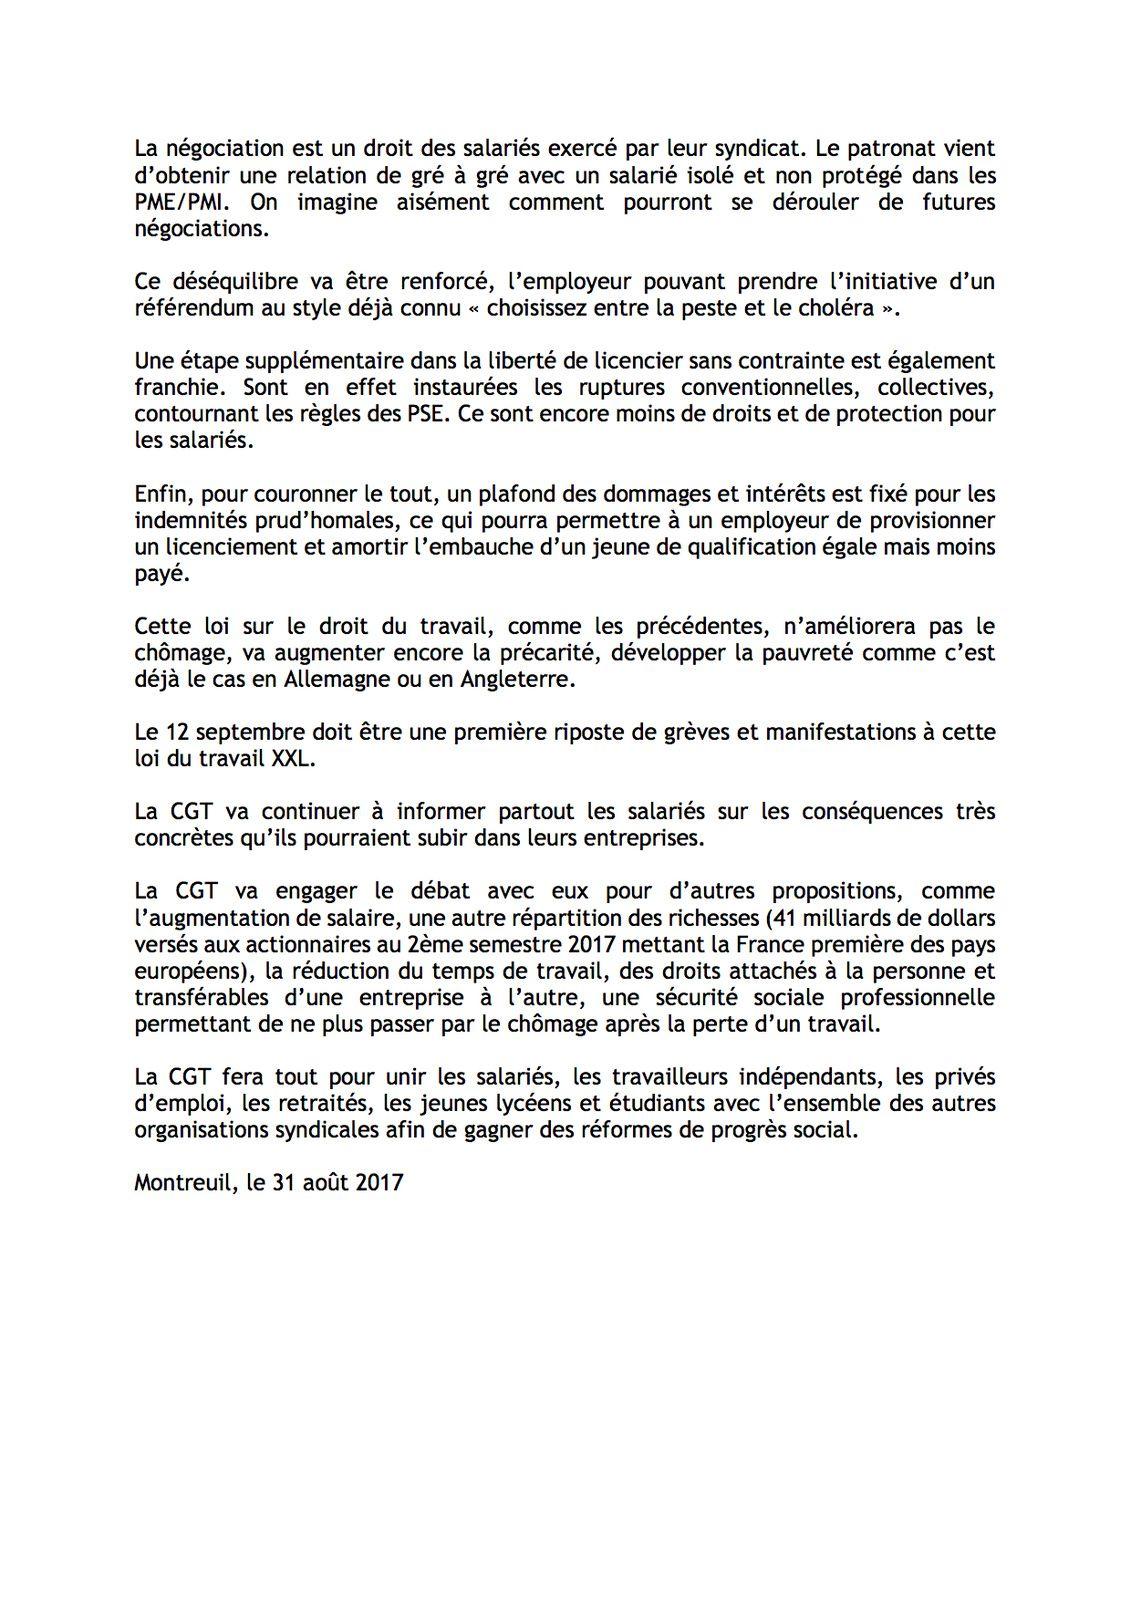 COMMUNIQUE DE PRESSE CGT - LOI TRAVAIL XXL